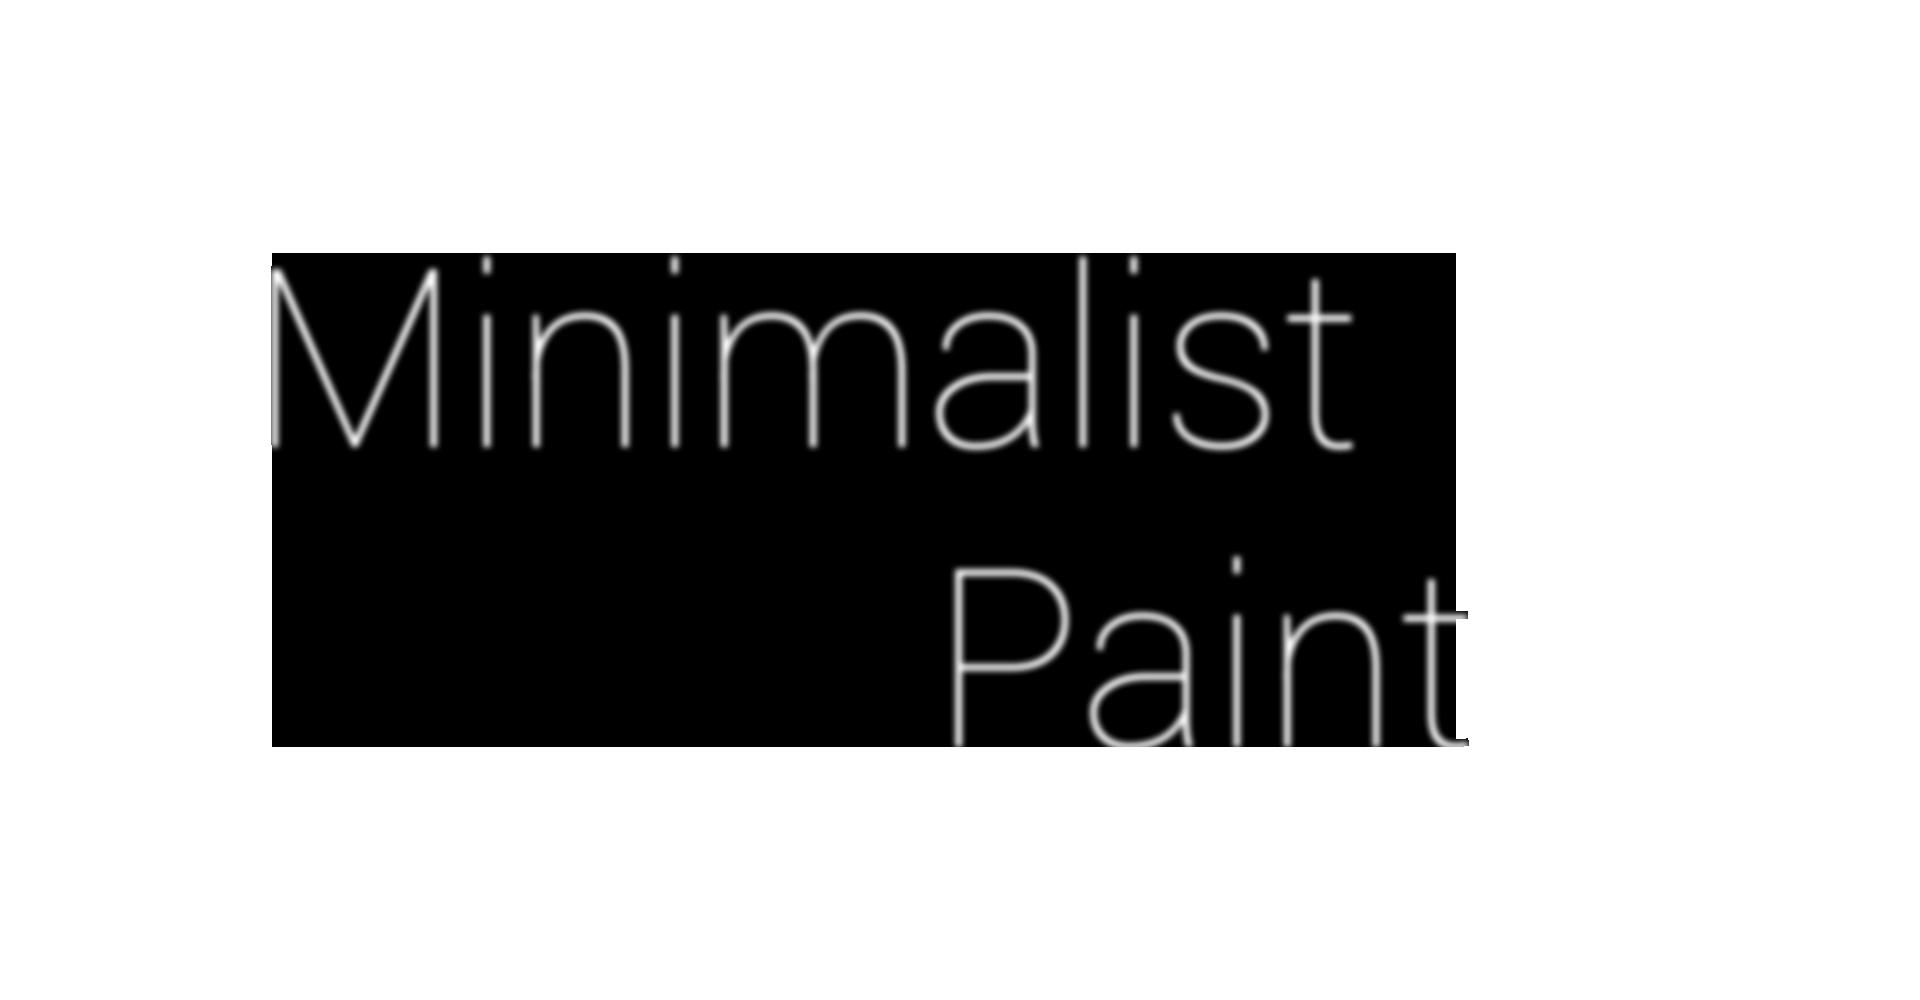 Minimalist Paint